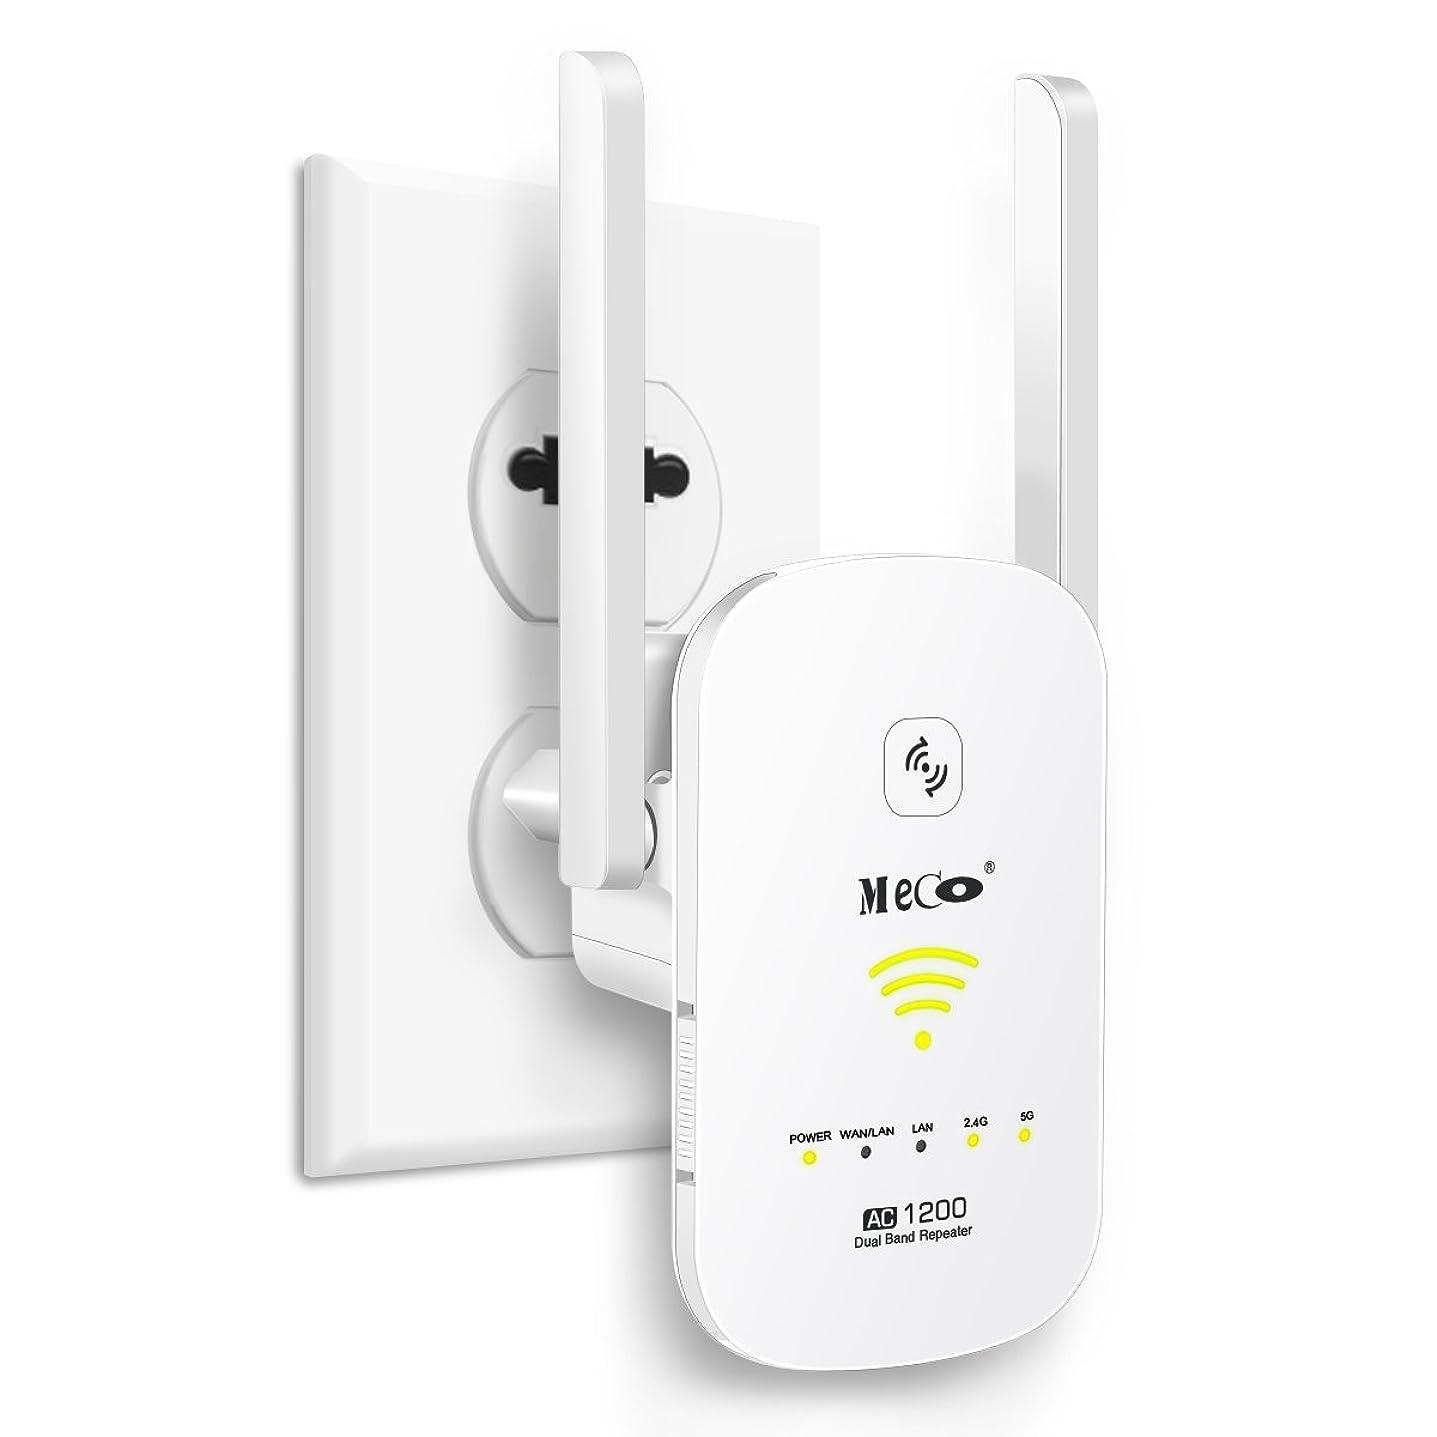 無限大実験をするアニメーションWIFI 無線LAN中継器 MECO AC1200 無線信号中継装置 ルーター/AP/リピータ 3in1機能 2xWANポート WPS/電源/リセットスイッチ 無線信号増幅装備 ンセント直挿し シームレスなローミングWIFI 無線LAN中継機 WiFi 信号 増幅器 デュアルバンドワイヤレス 2.4GHz 300Mbps/5GHz 867Mbps